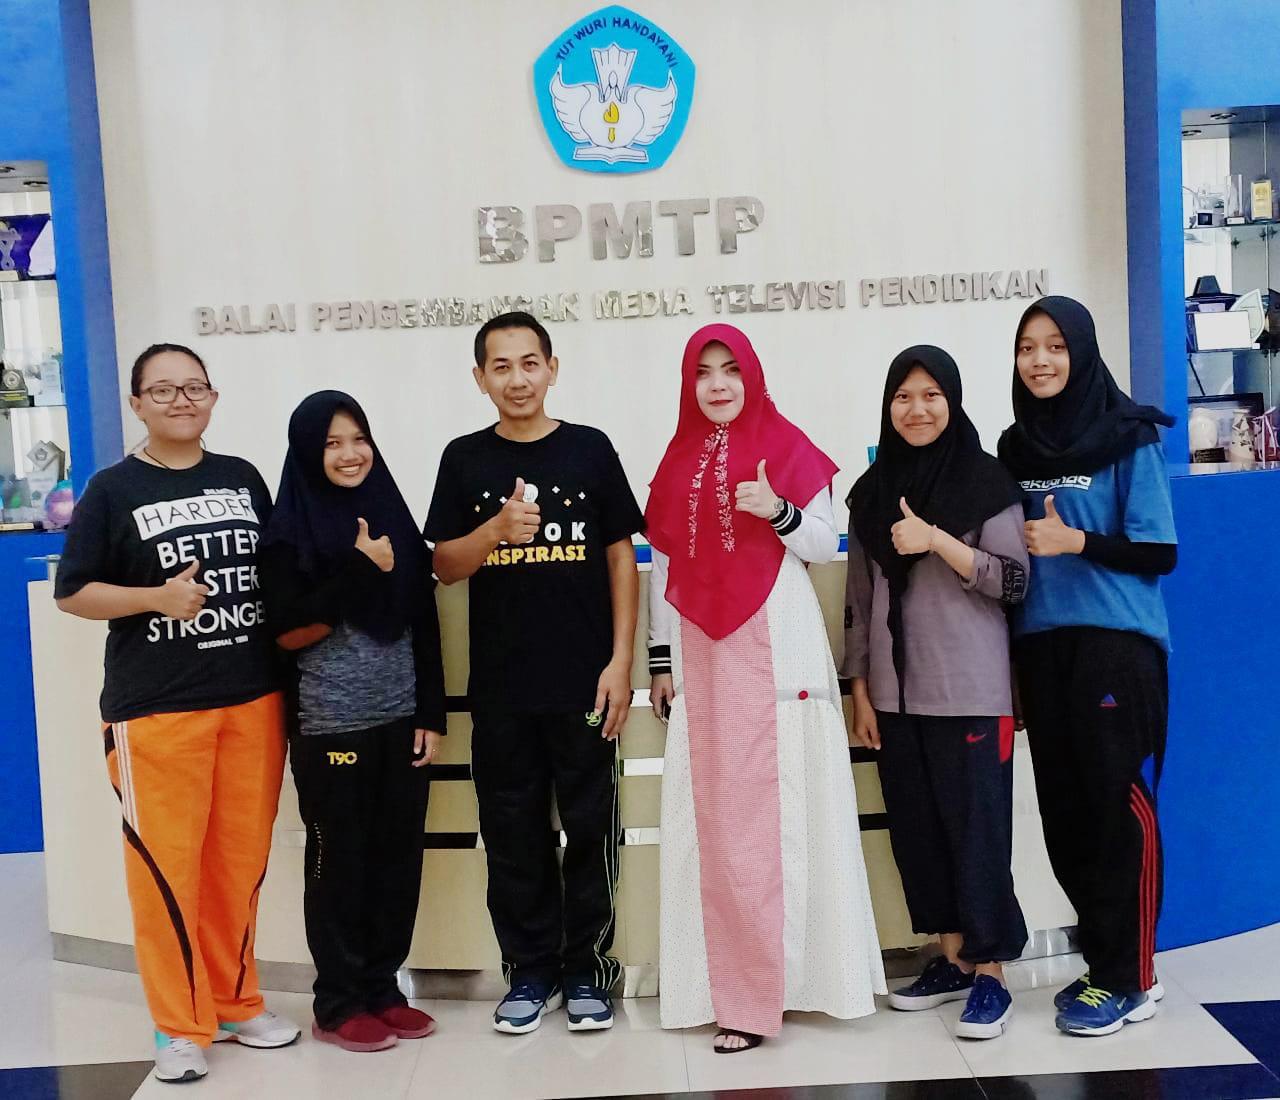 BPMTPK3